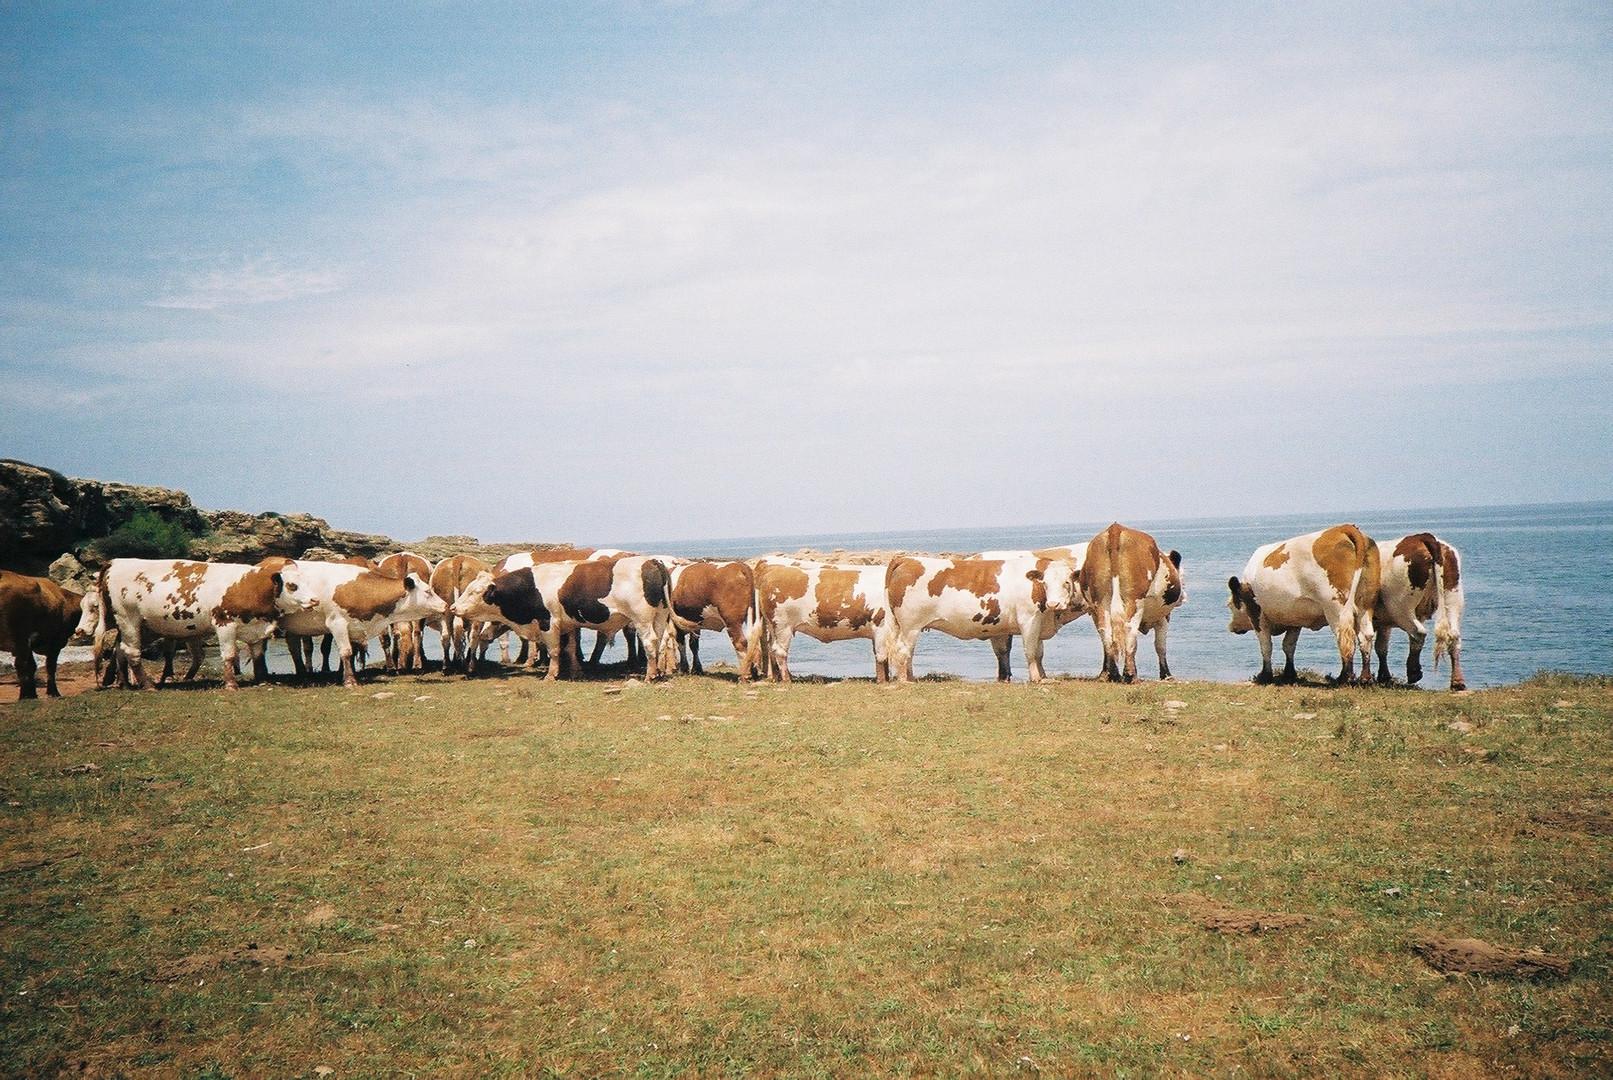 Vacas menorquinas al lado del mar